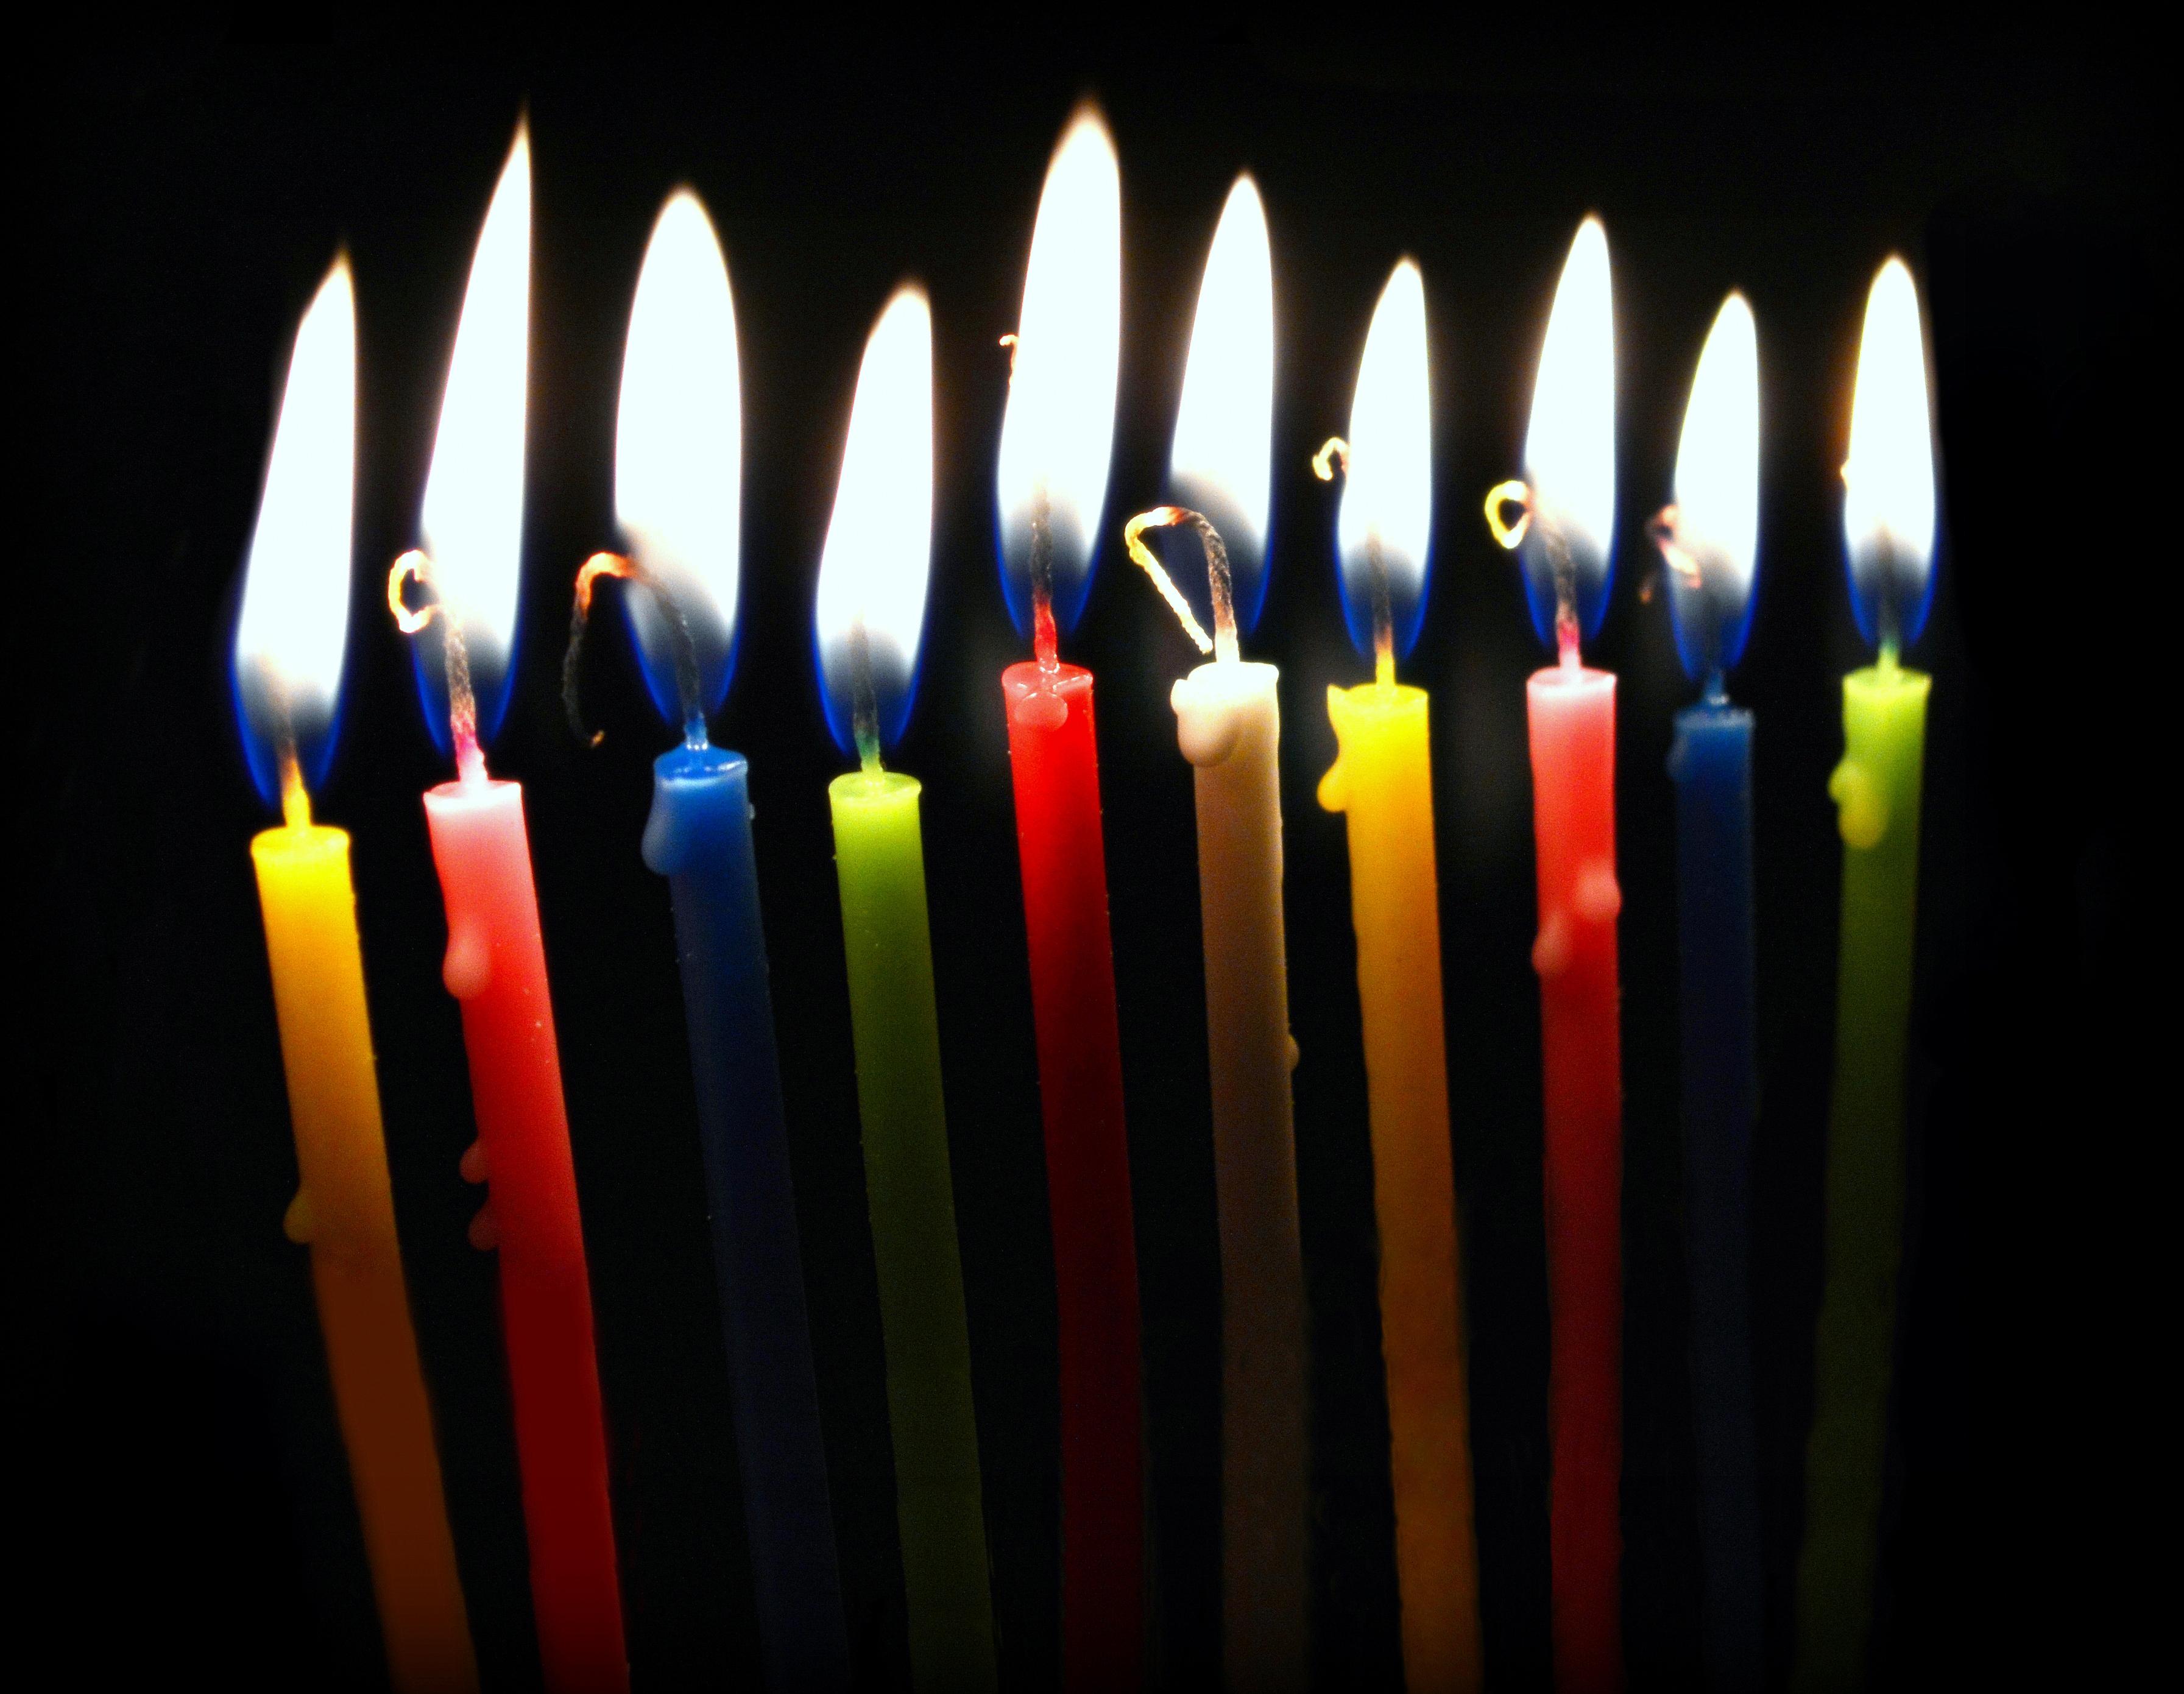 Fotos gratis : ligero, deseo, color, artístico, llama, oscuridad ...